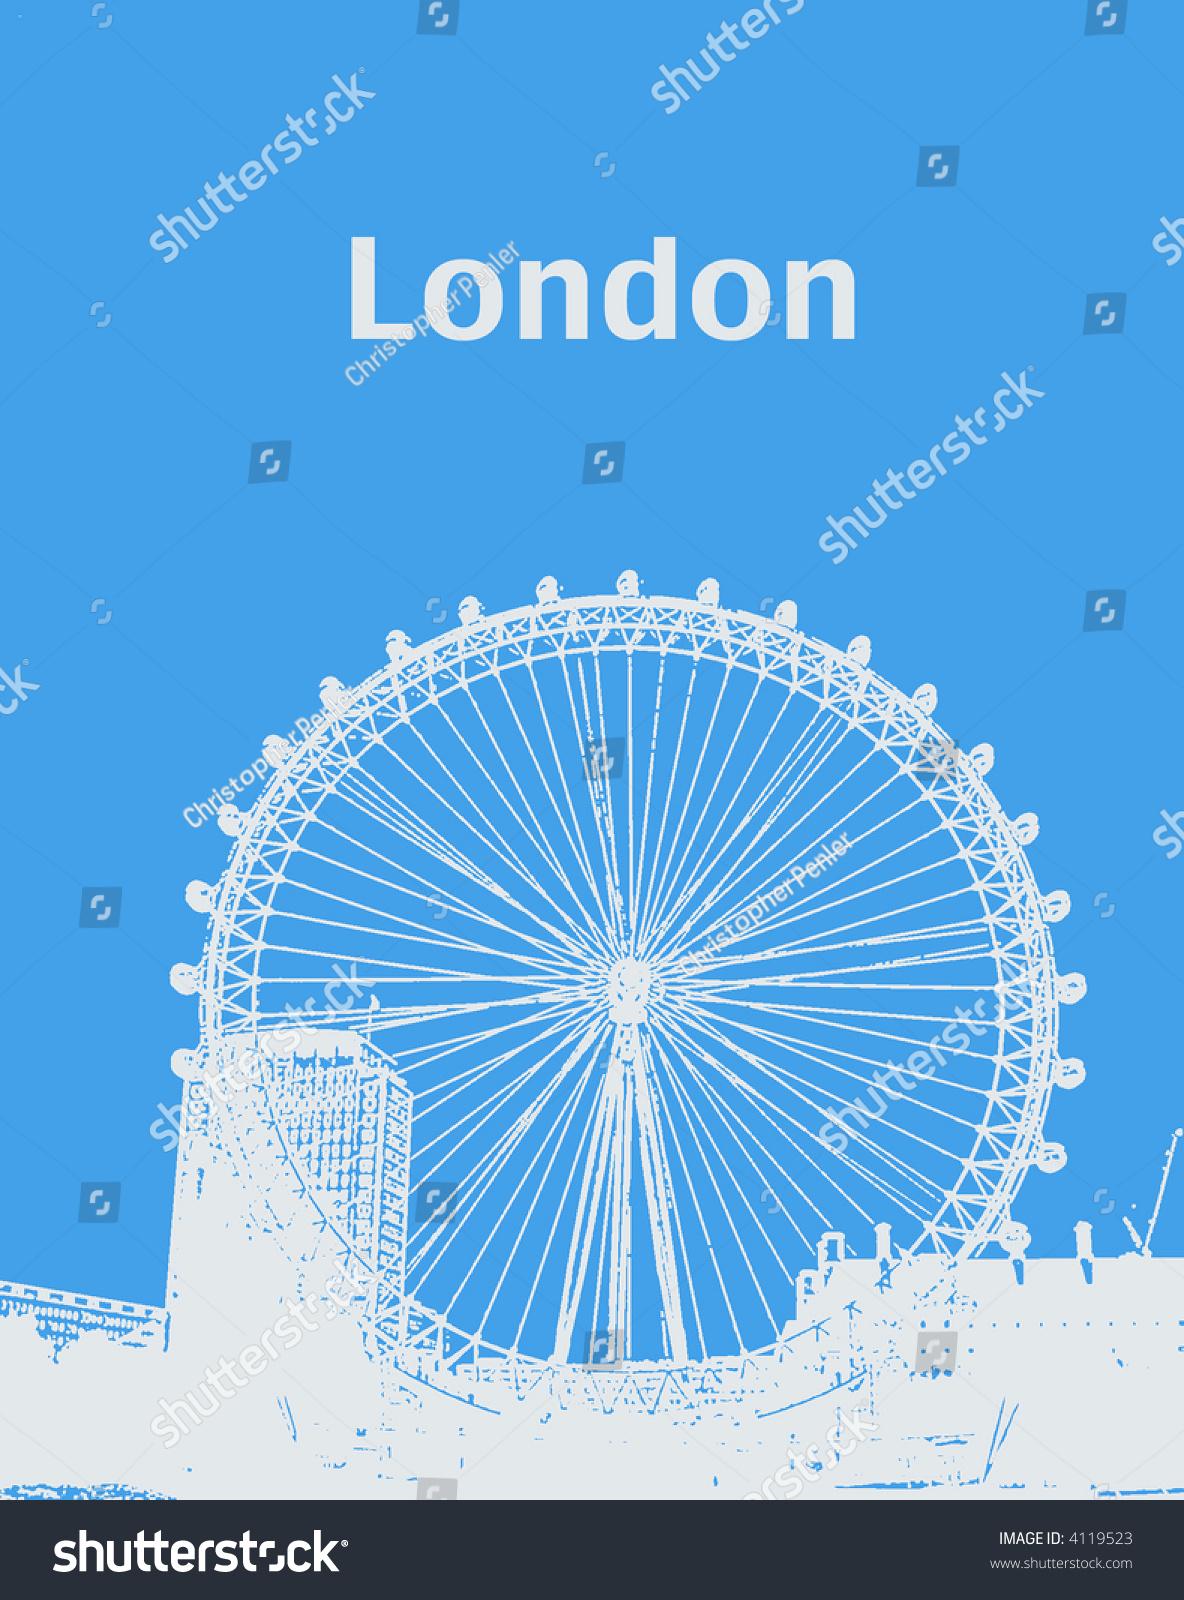 伦敦眼.-插图/剪贴图,建筑物/地标-海洛创意(hellorf)